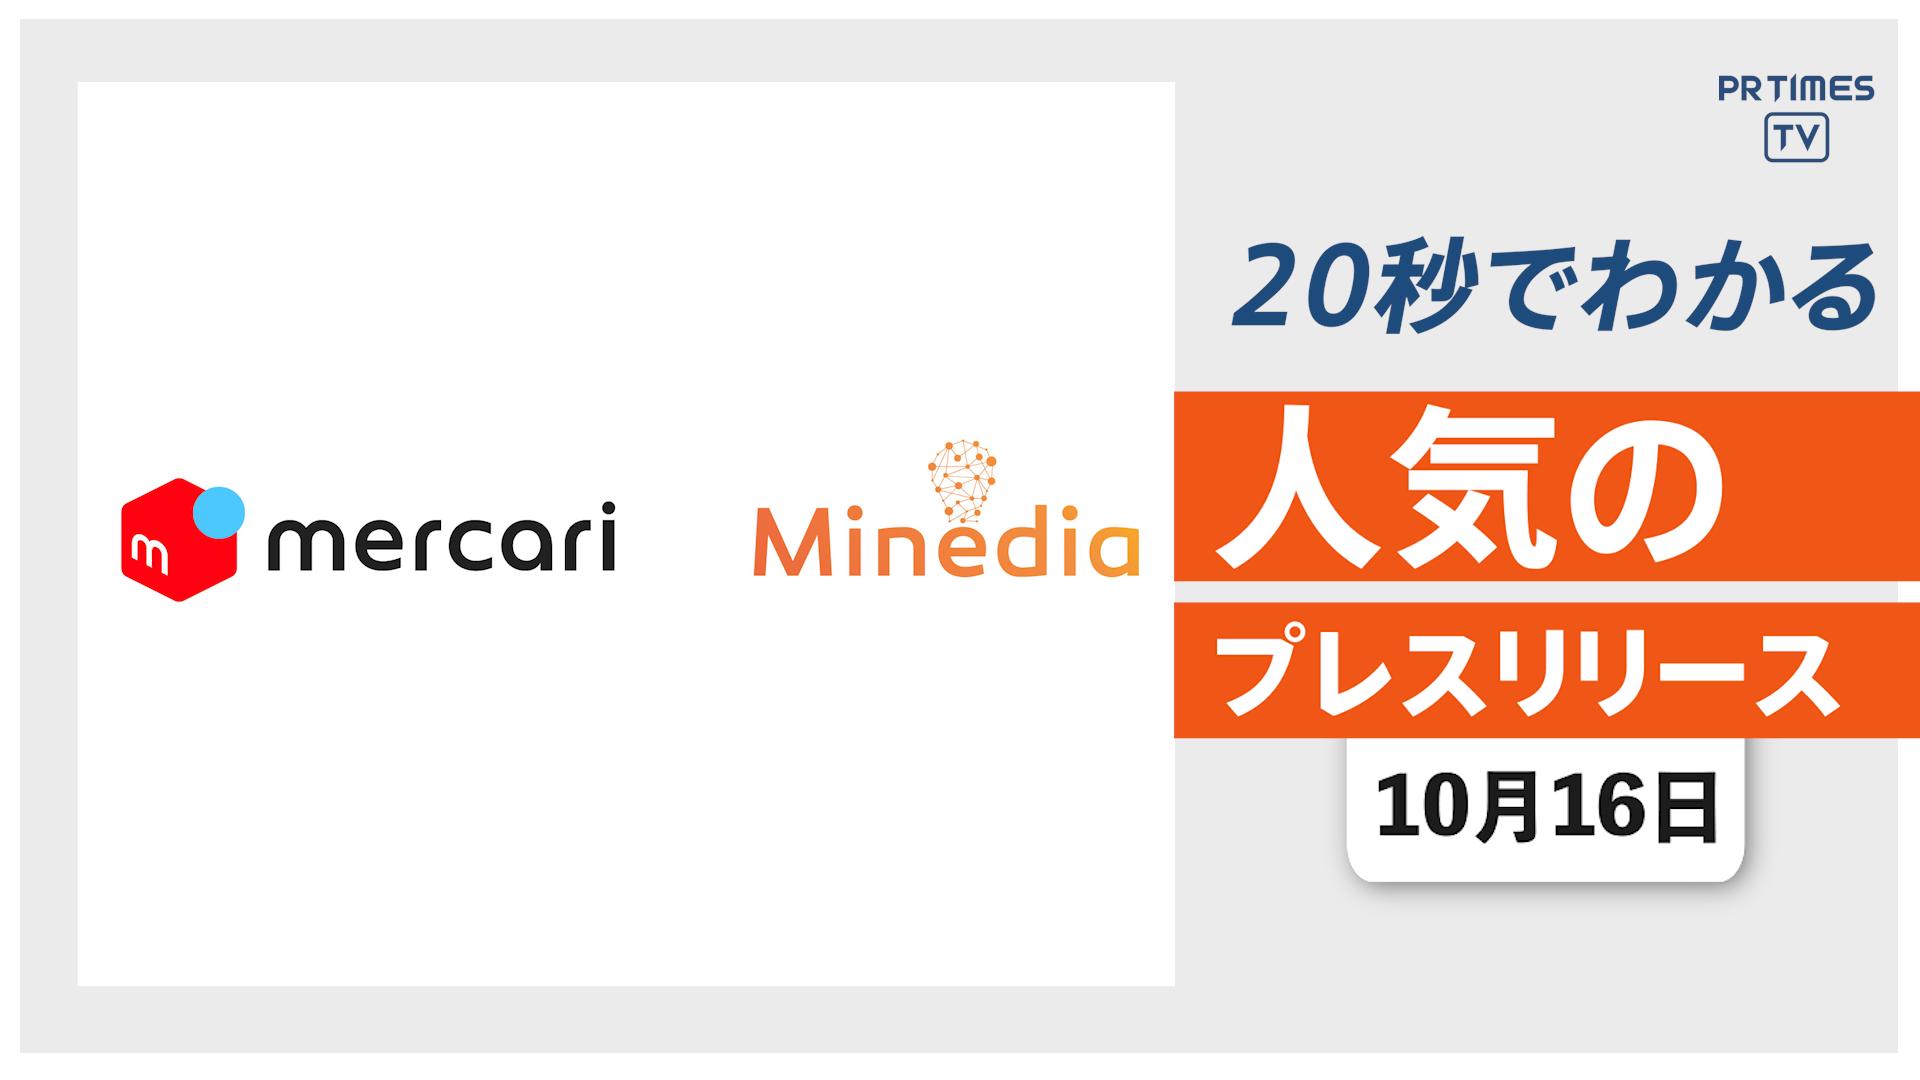 【メルカリによる オンライン定性調査の導入事例を公開】他、新着トレンド10月16日